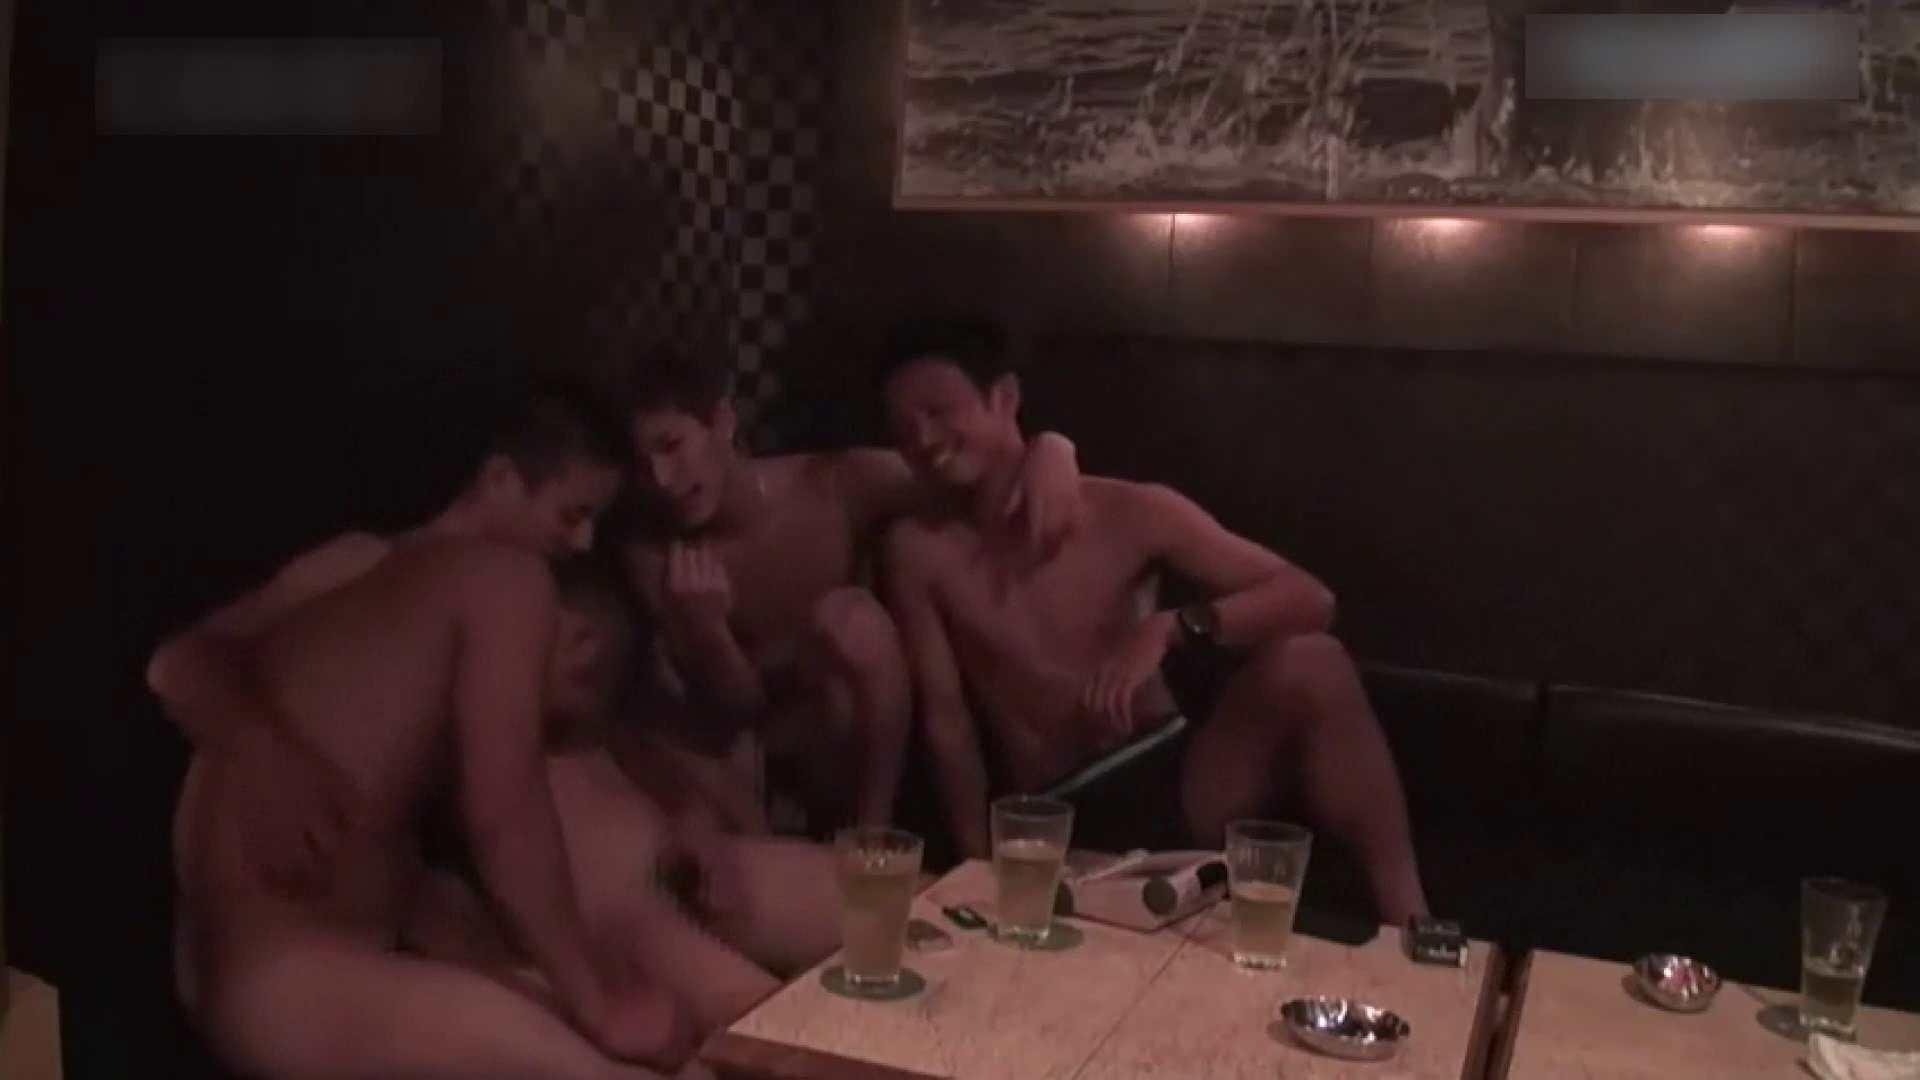 そいやっ!みんな集まれゲイ大会! ボーイズ私服 | スジ筋系ボーイズ  58pic 51